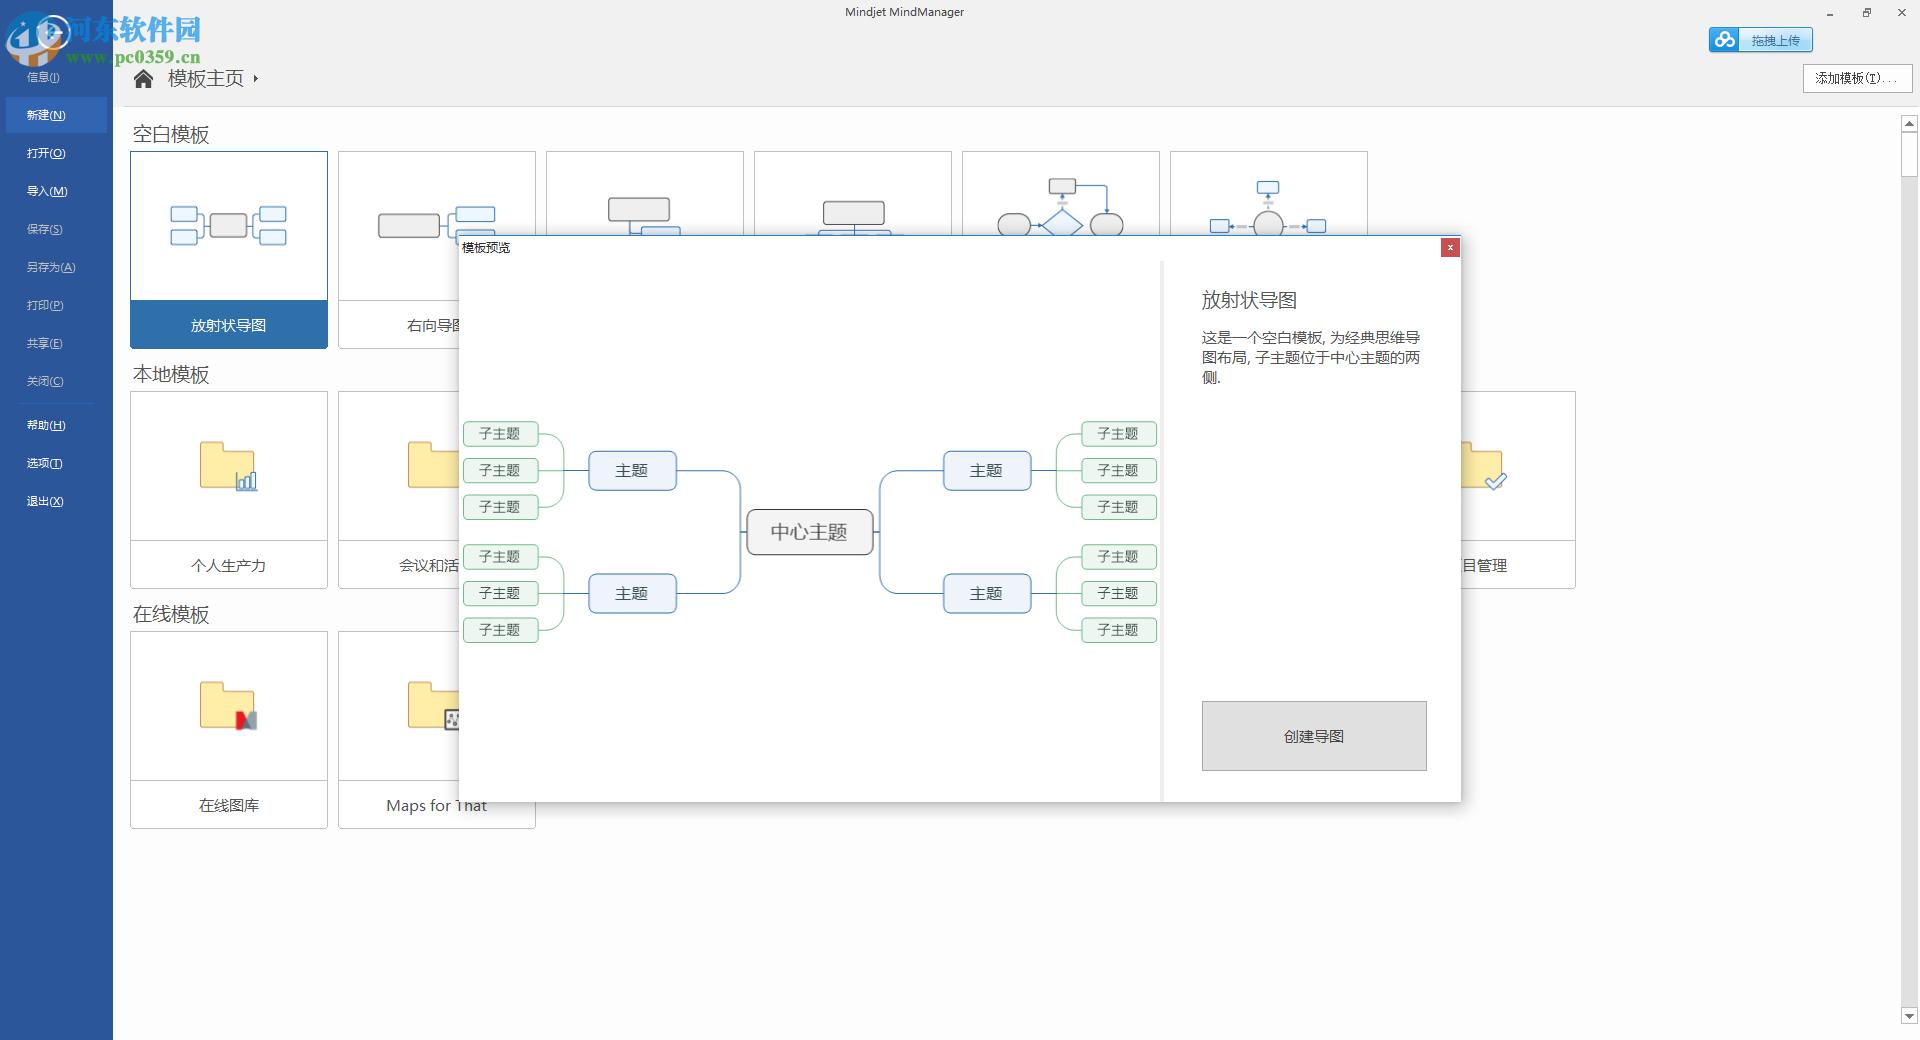 MindManager 2018免费版下载 8.0.284 中文版